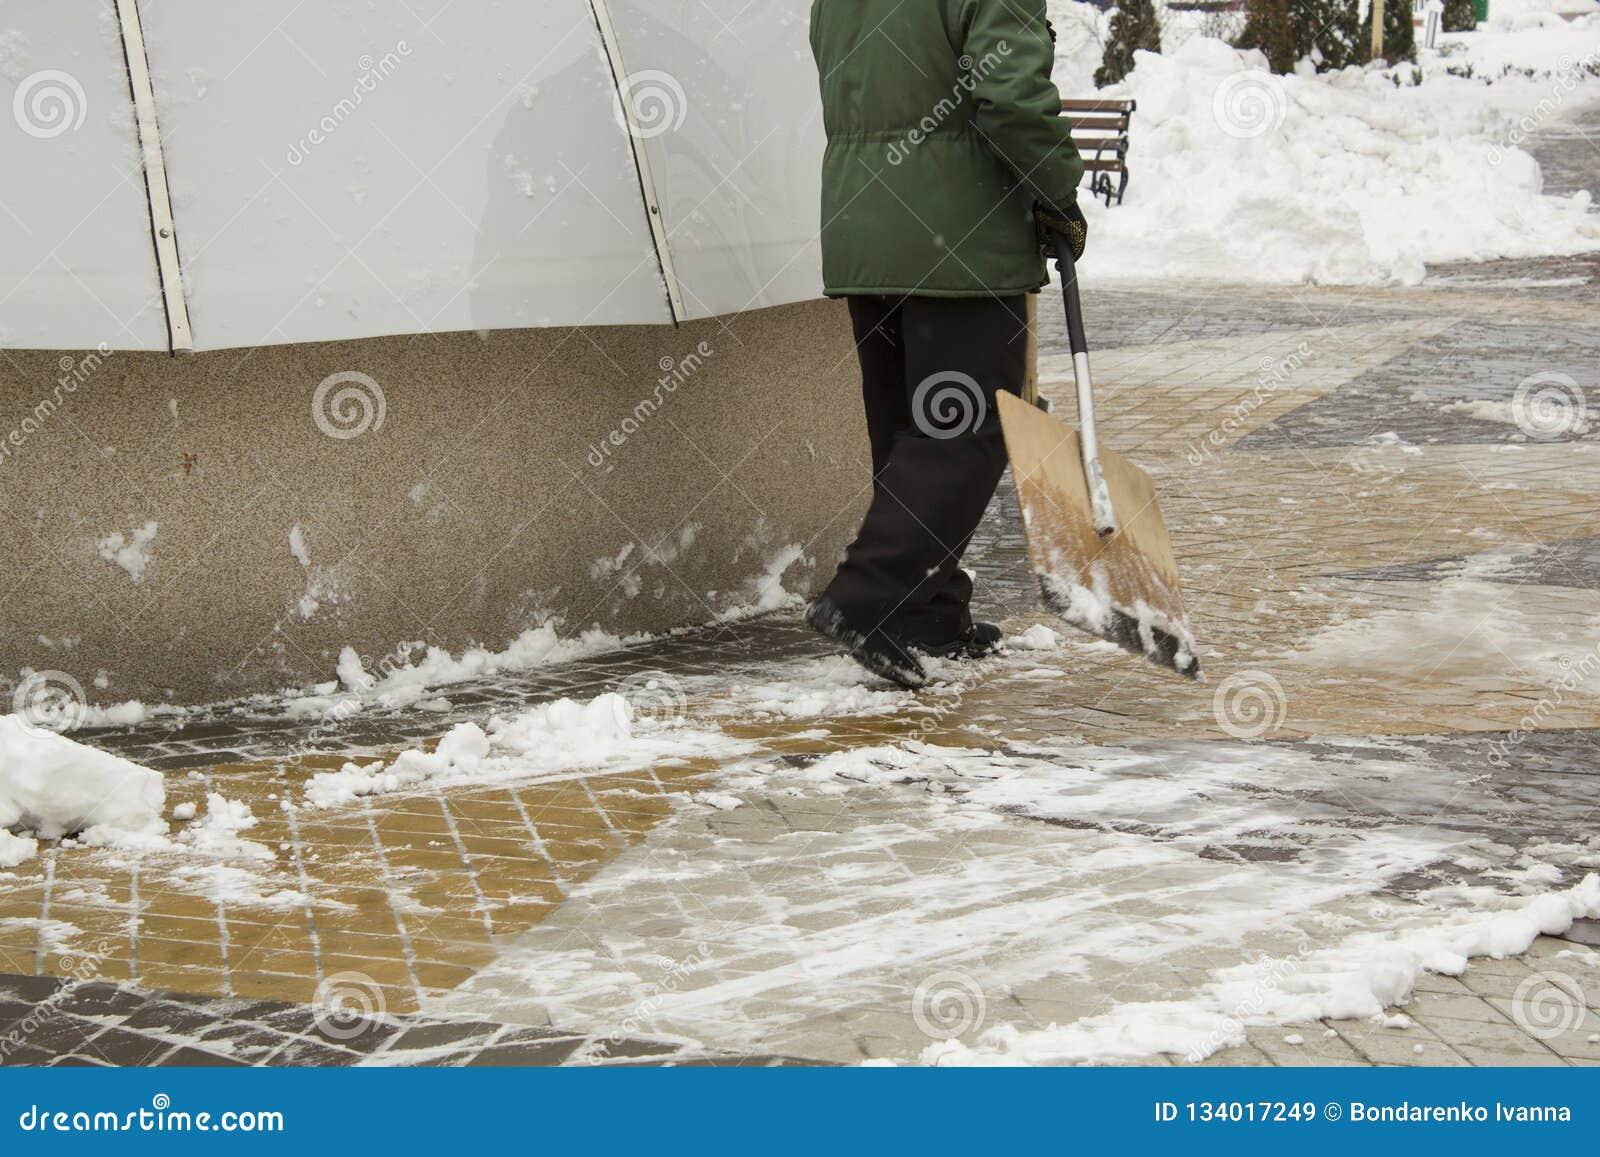 Homme dans la neige de nettoyage uniforme avec une pelle